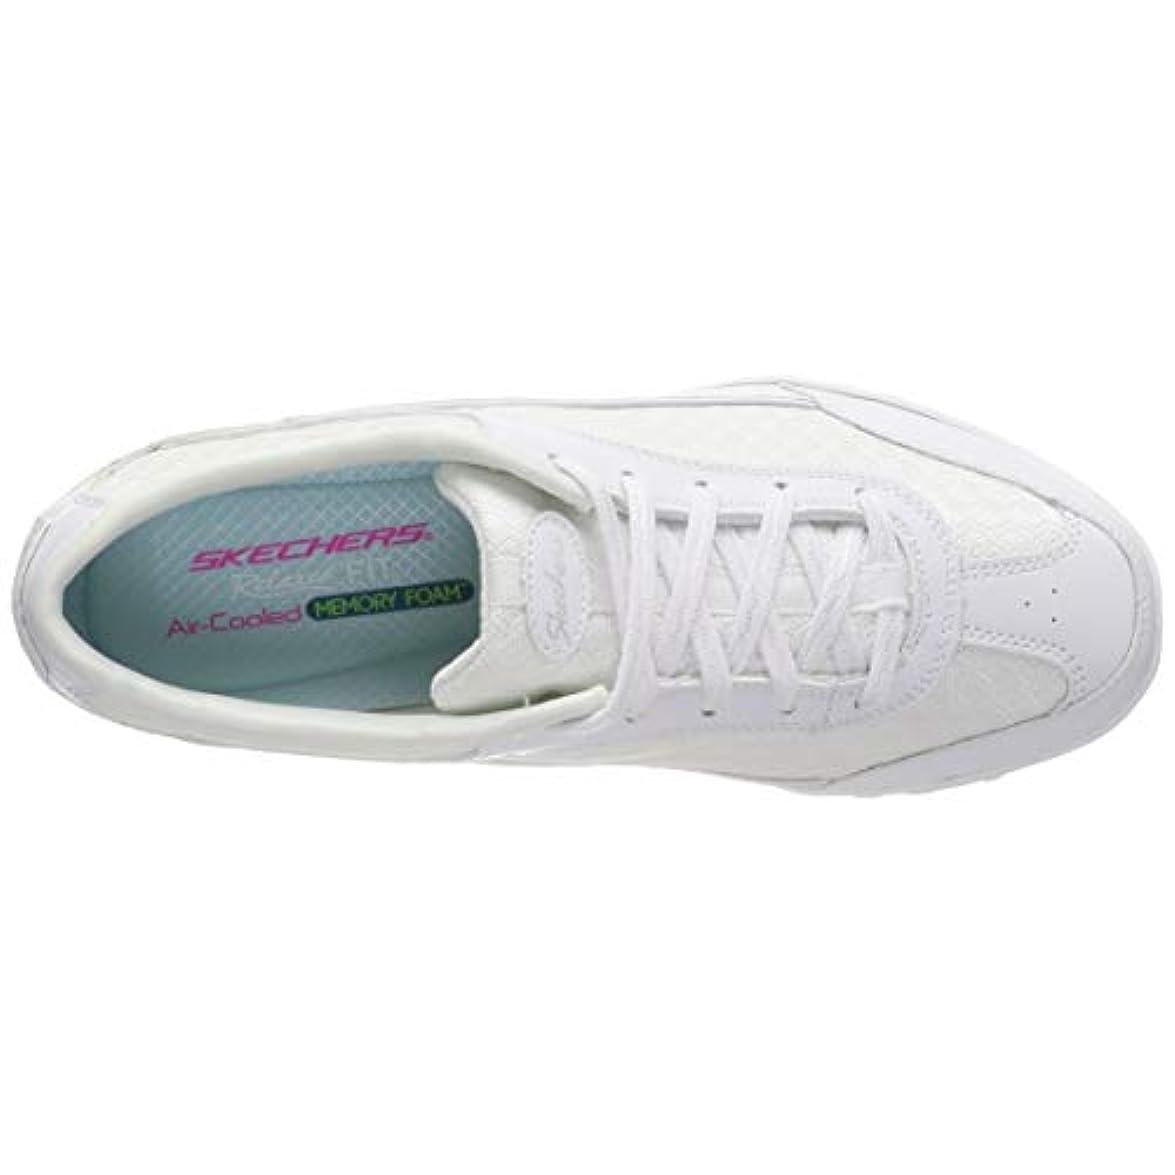 Skechers Breathe-easy-simply Sincere Scarpe Da Ginnastica Donna